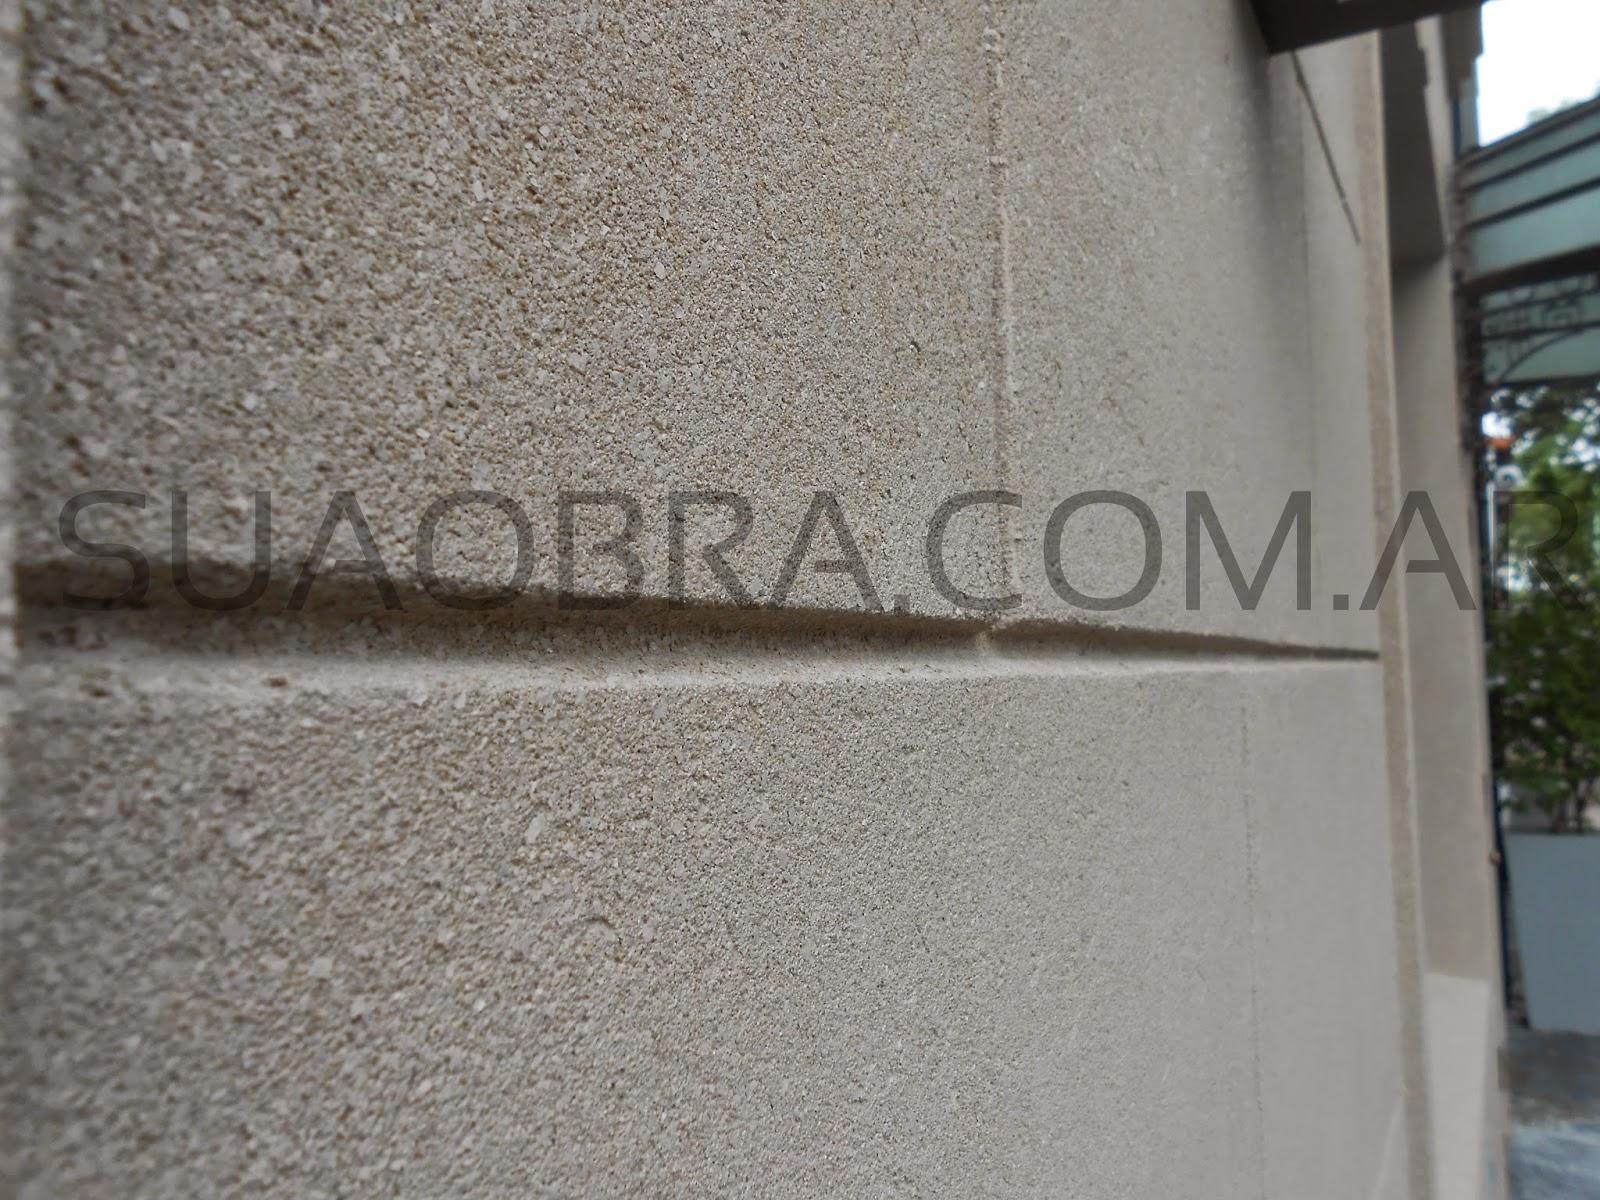 Renovaci n de fachada con revoque plastico sobre - Revestimiento en piedra para exterior ...